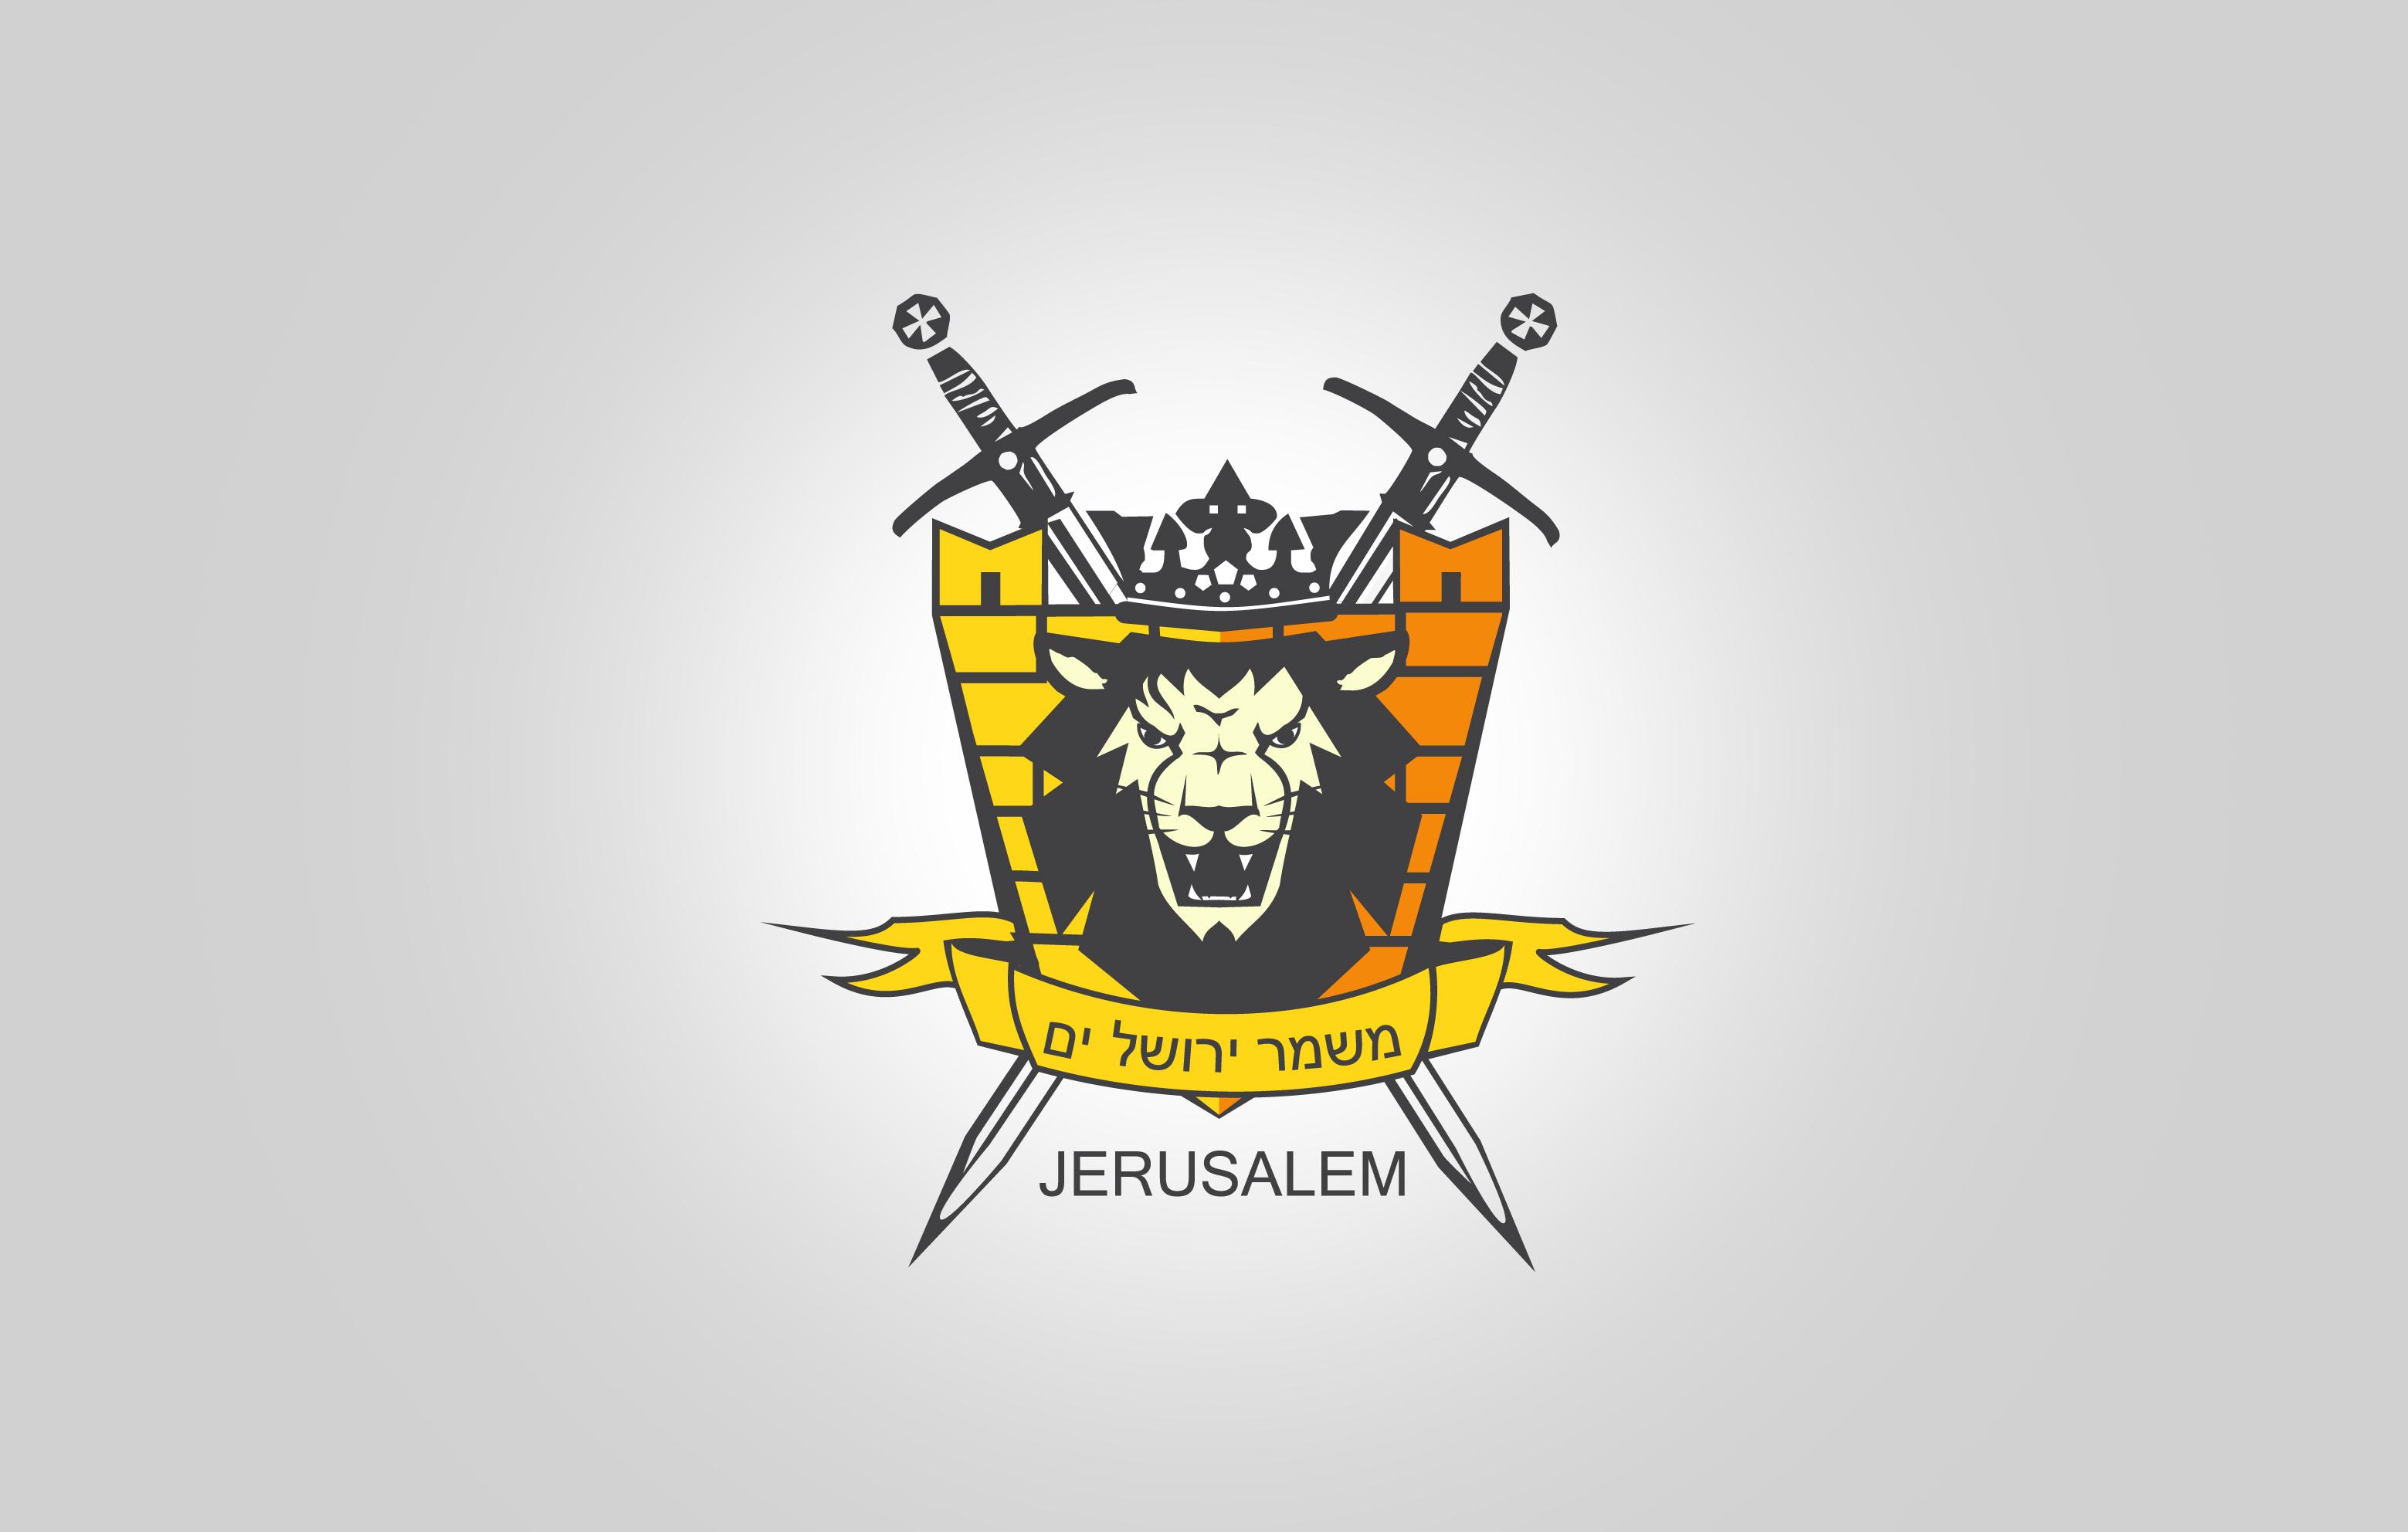 Разработка логотипа. Компания Страж Иерусалима фото f_62051f96bcbbdb47.jpg